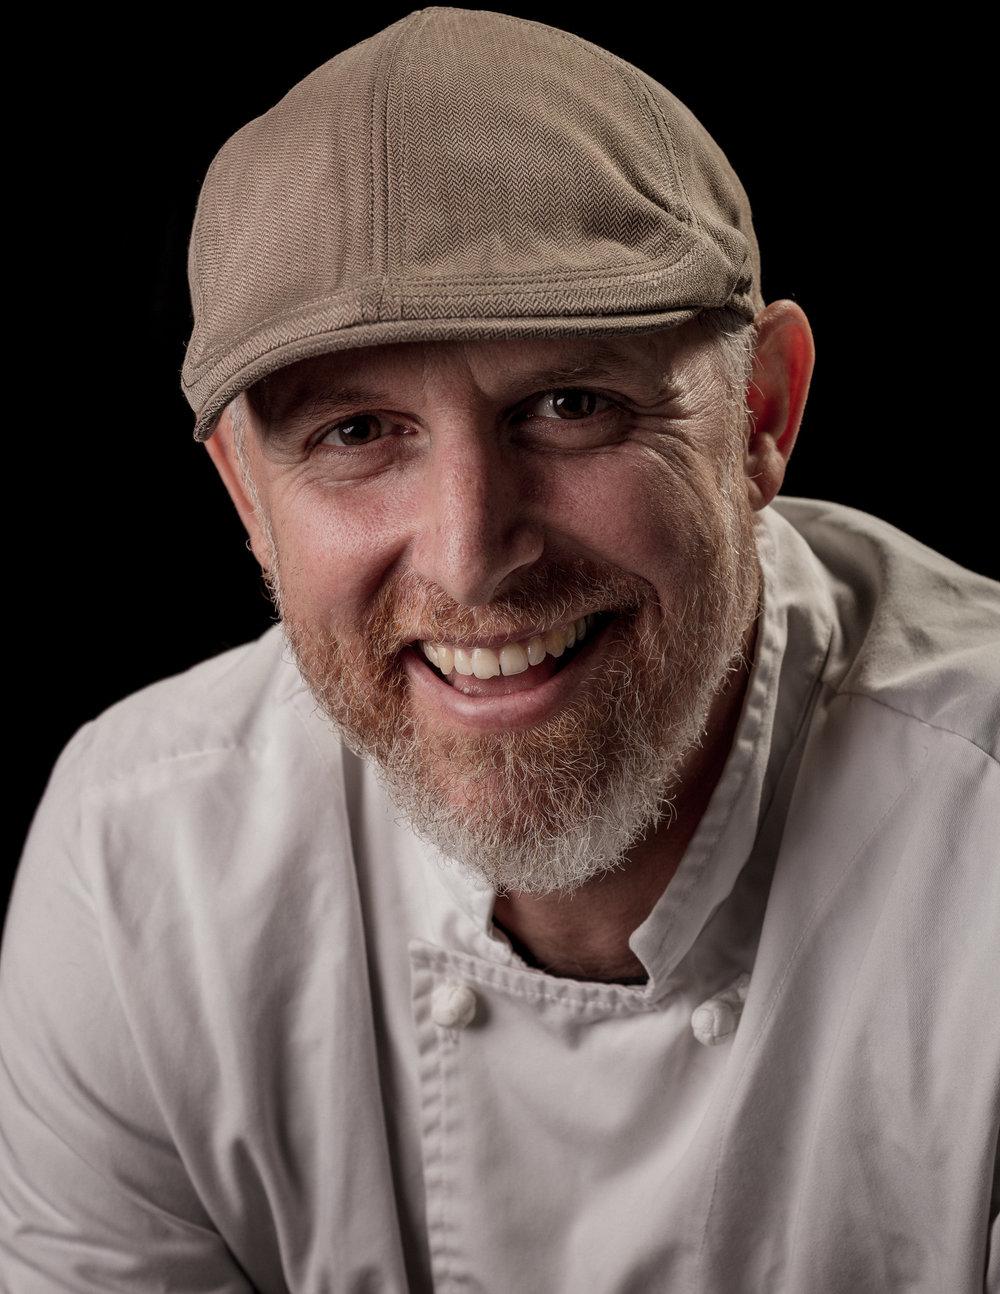 Chef+-+Catering+-+Nick_Aldridge-TheProducer.SteveDuke.jpg